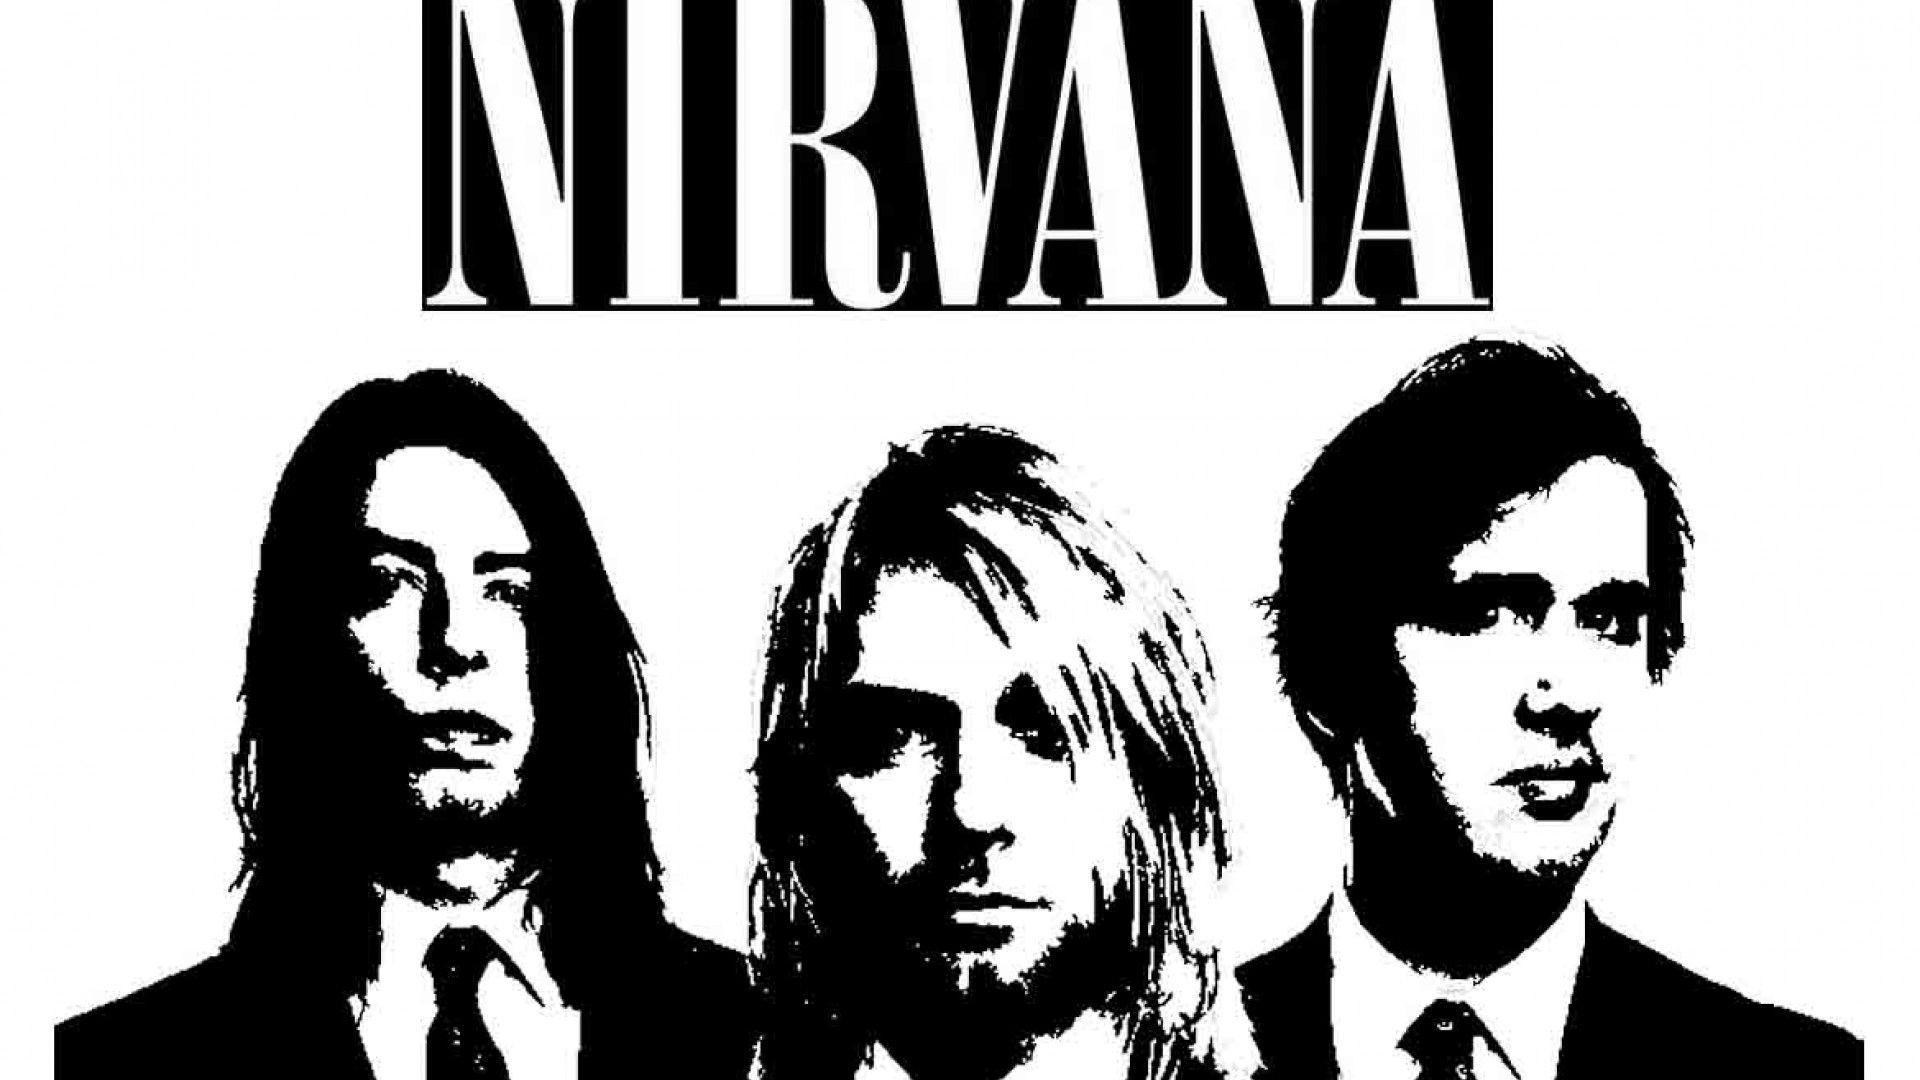 Nirvana Wallpaper Desktop HD picture • iPhones Wallpapers